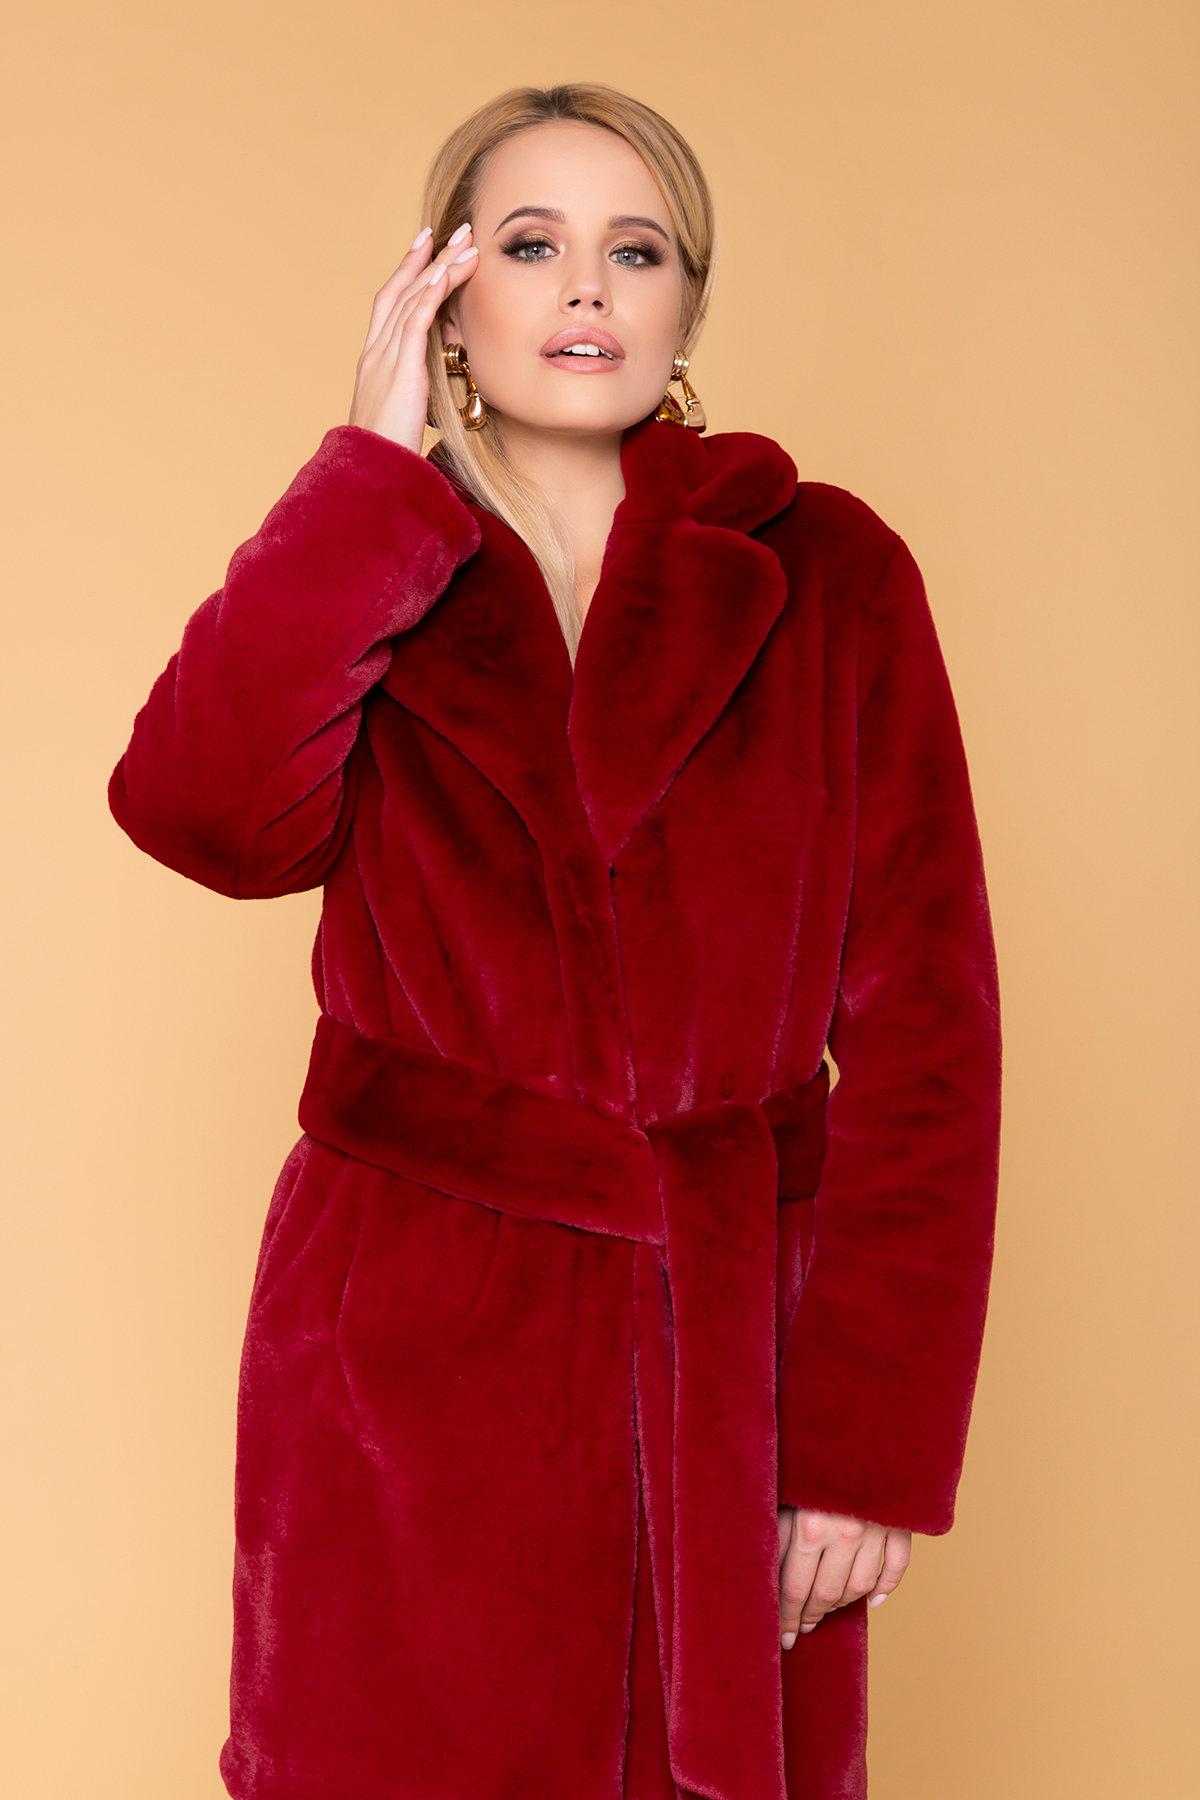 Эко шуба красного цвета Субира 4287 АРТ. 20758 Цвет: Марсала - фото 5, интернет магазин tm-modus.ru